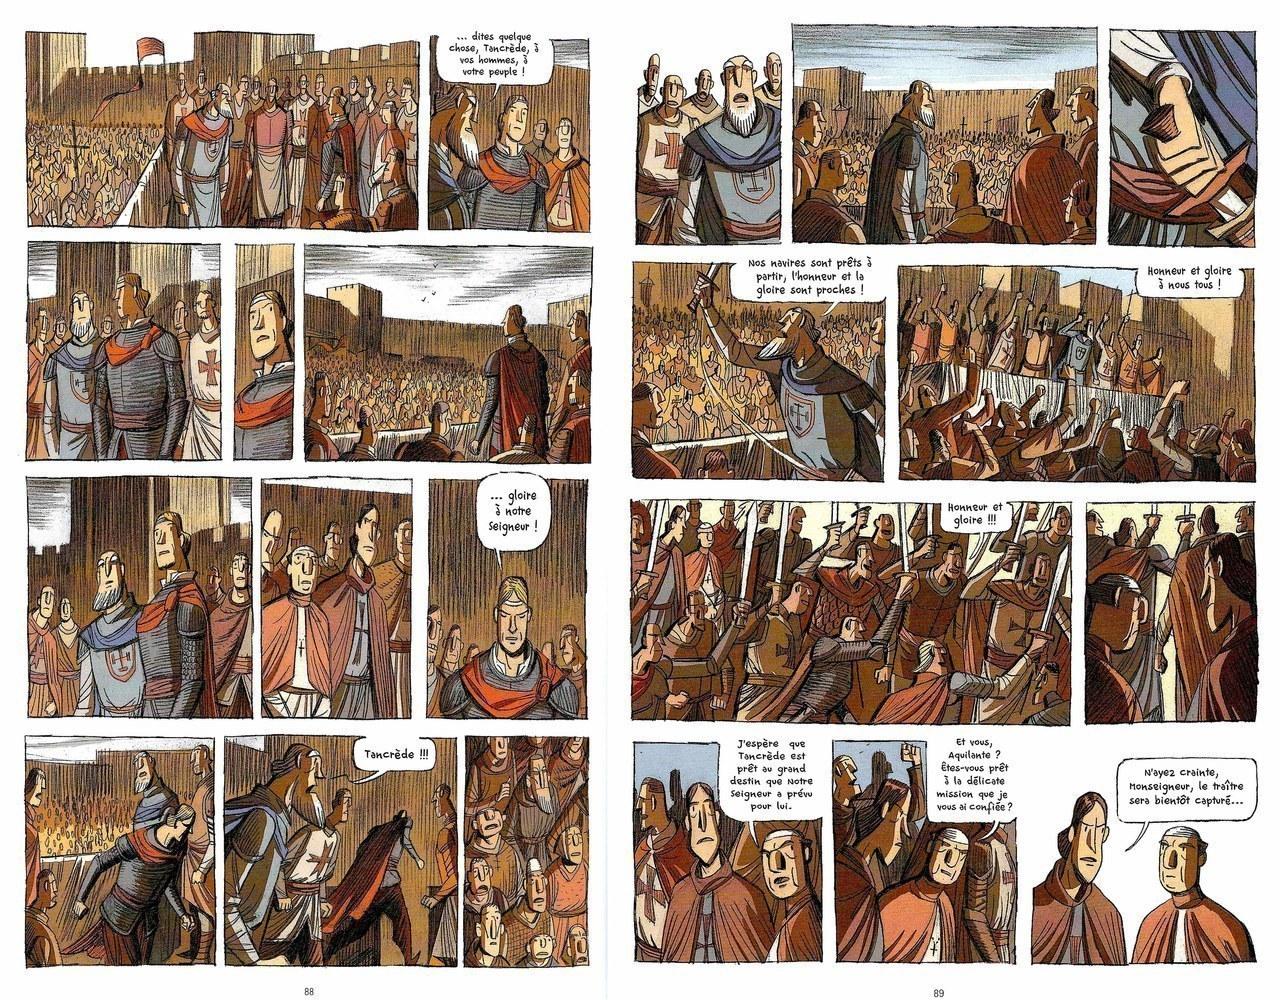 Lorenzo Chiavini,Il dubbio di Tancredi, 2012, pp. 88-89 [Chiavini©Futuropolis 2012]